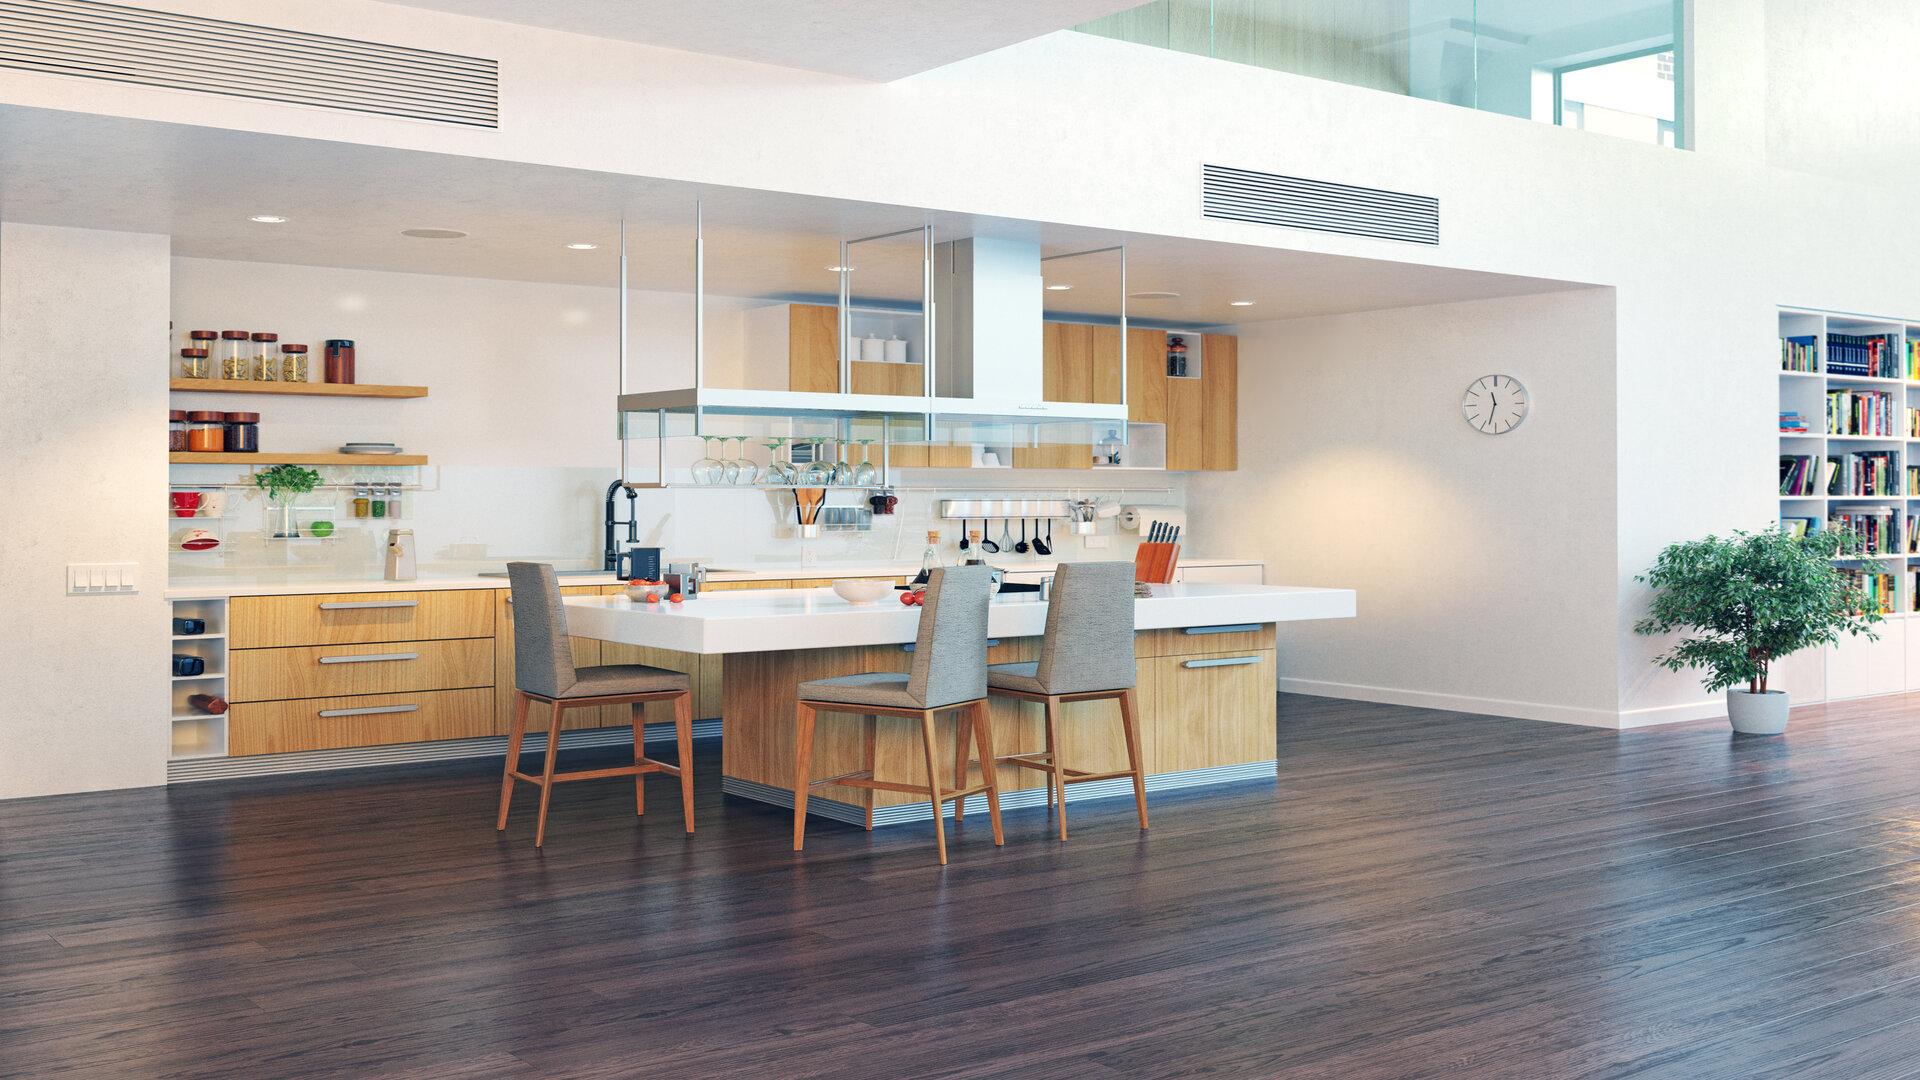 Personnaliser son style d'habitat en utilisant le bois